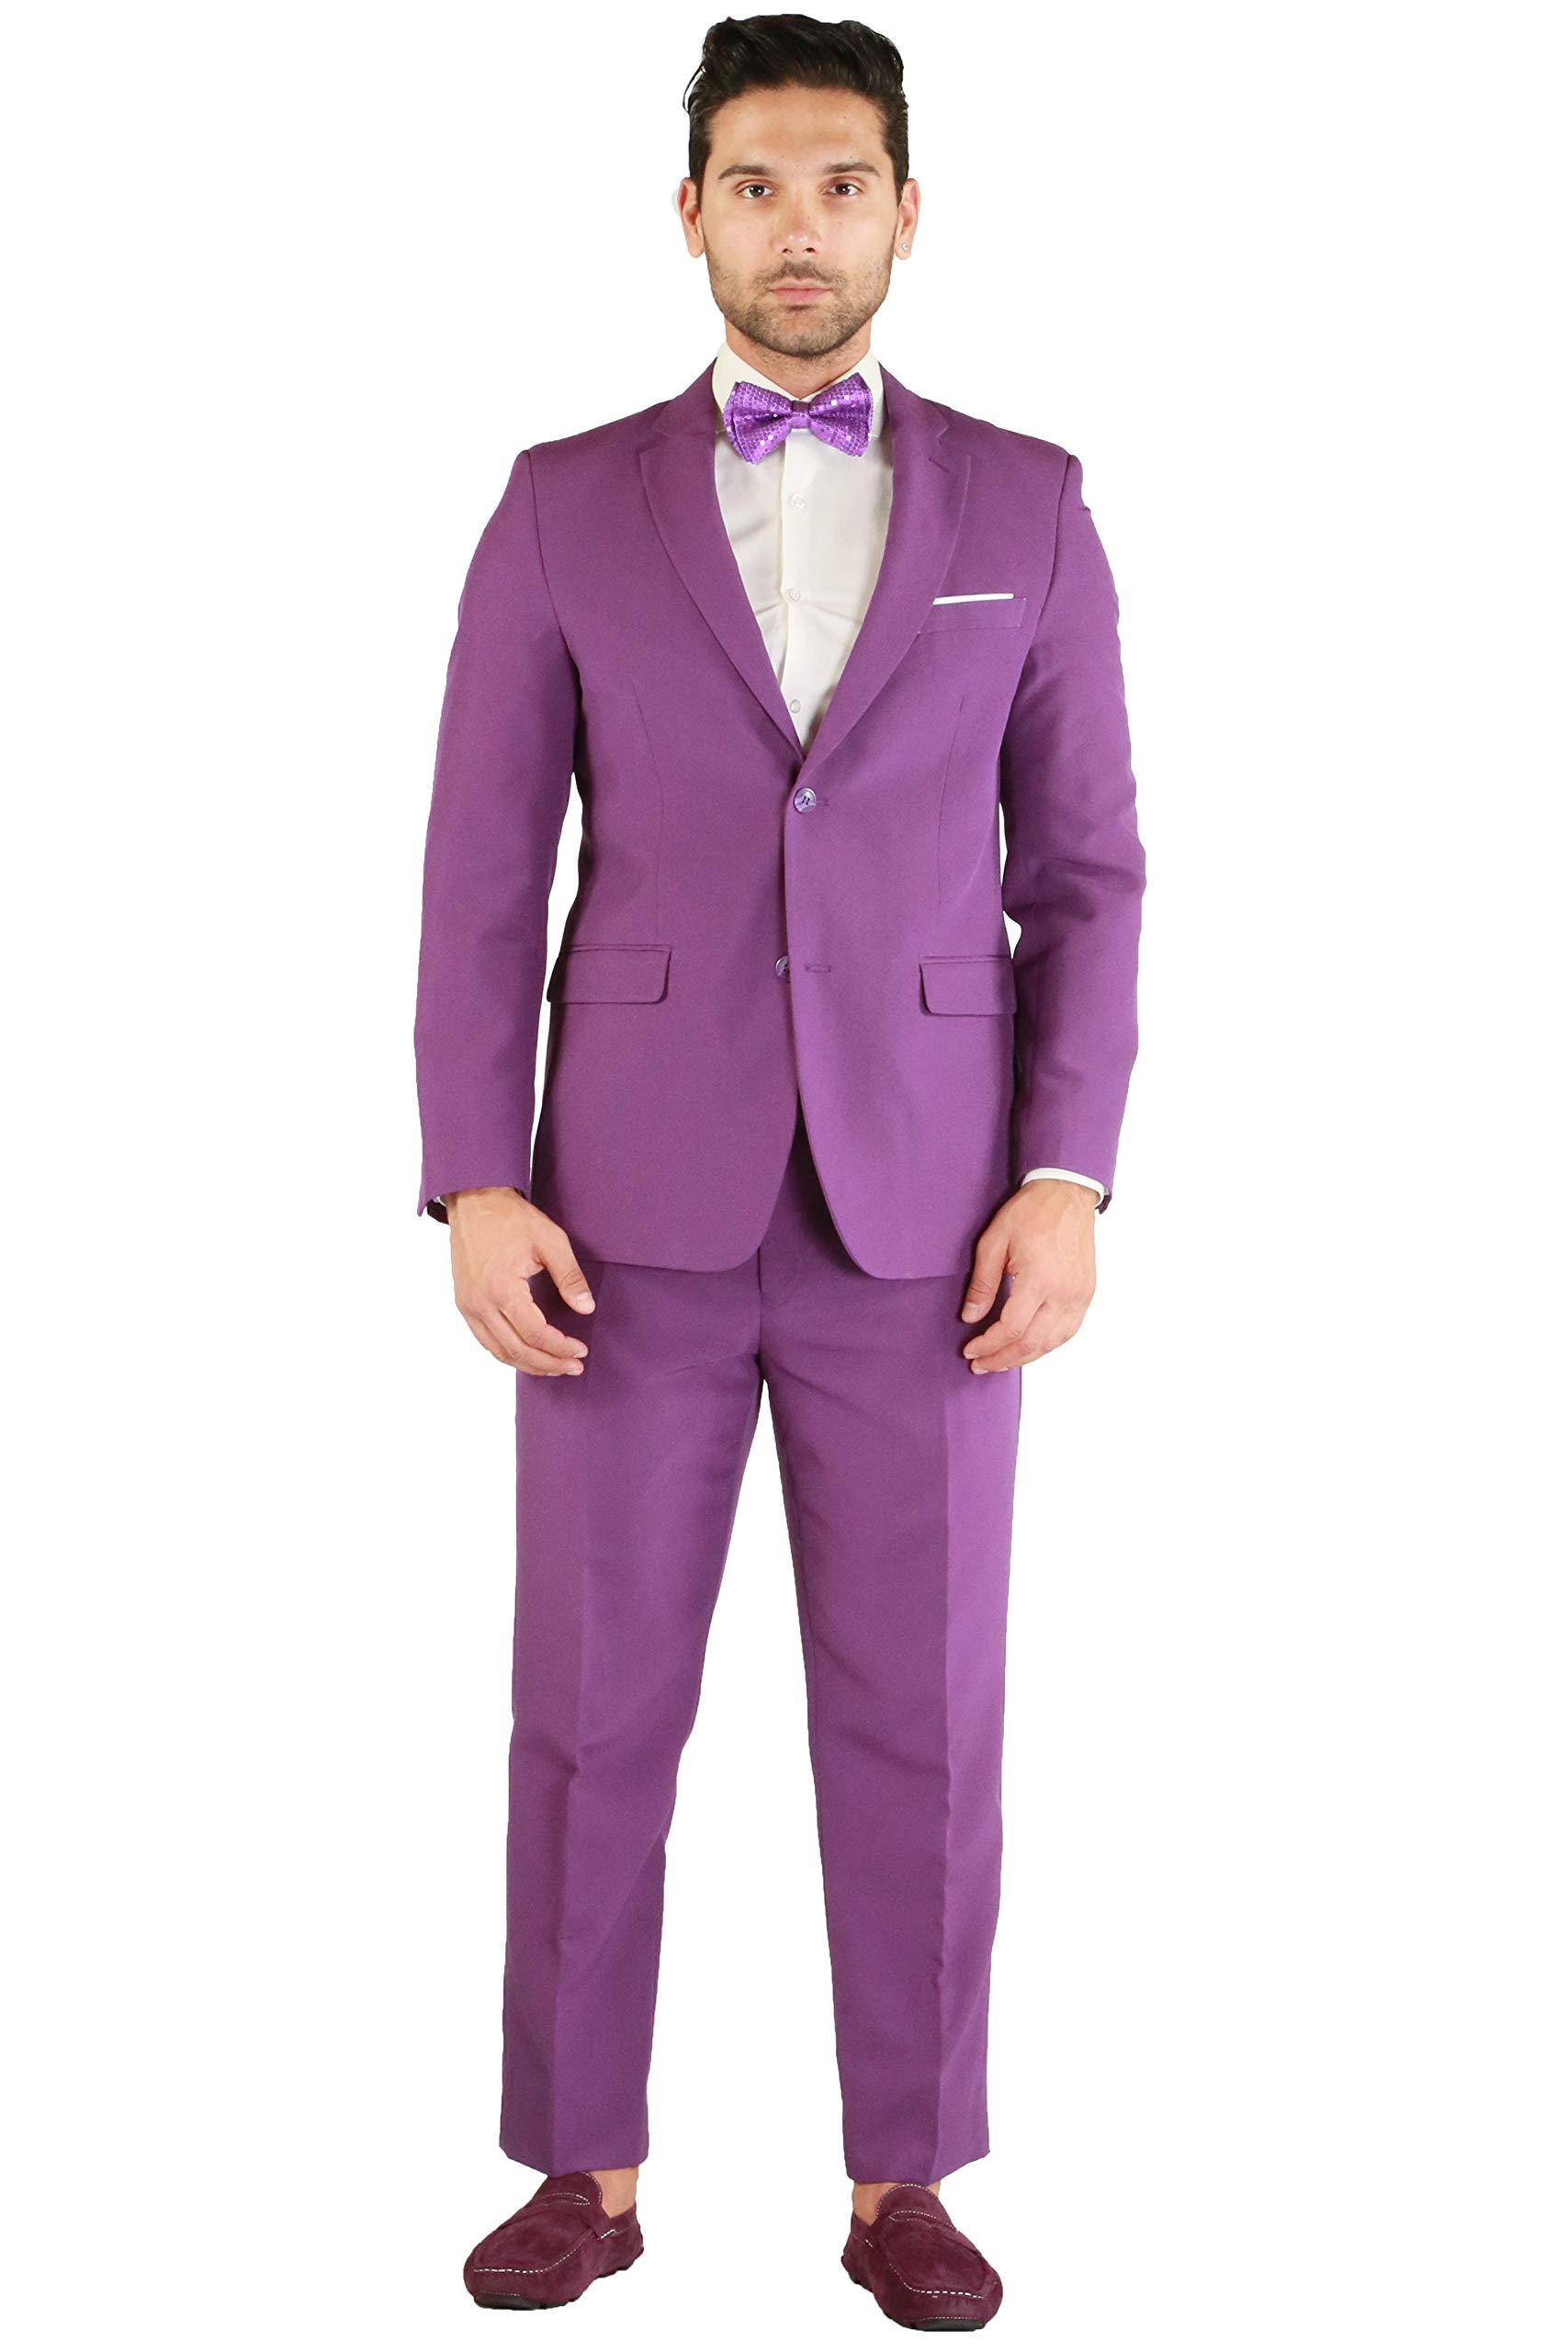 Men's Purple Slim Fit 2 Piece Notch Lapel Suit Set with Blazer Jacket & Dress Pants - (50R) by Ferrecci